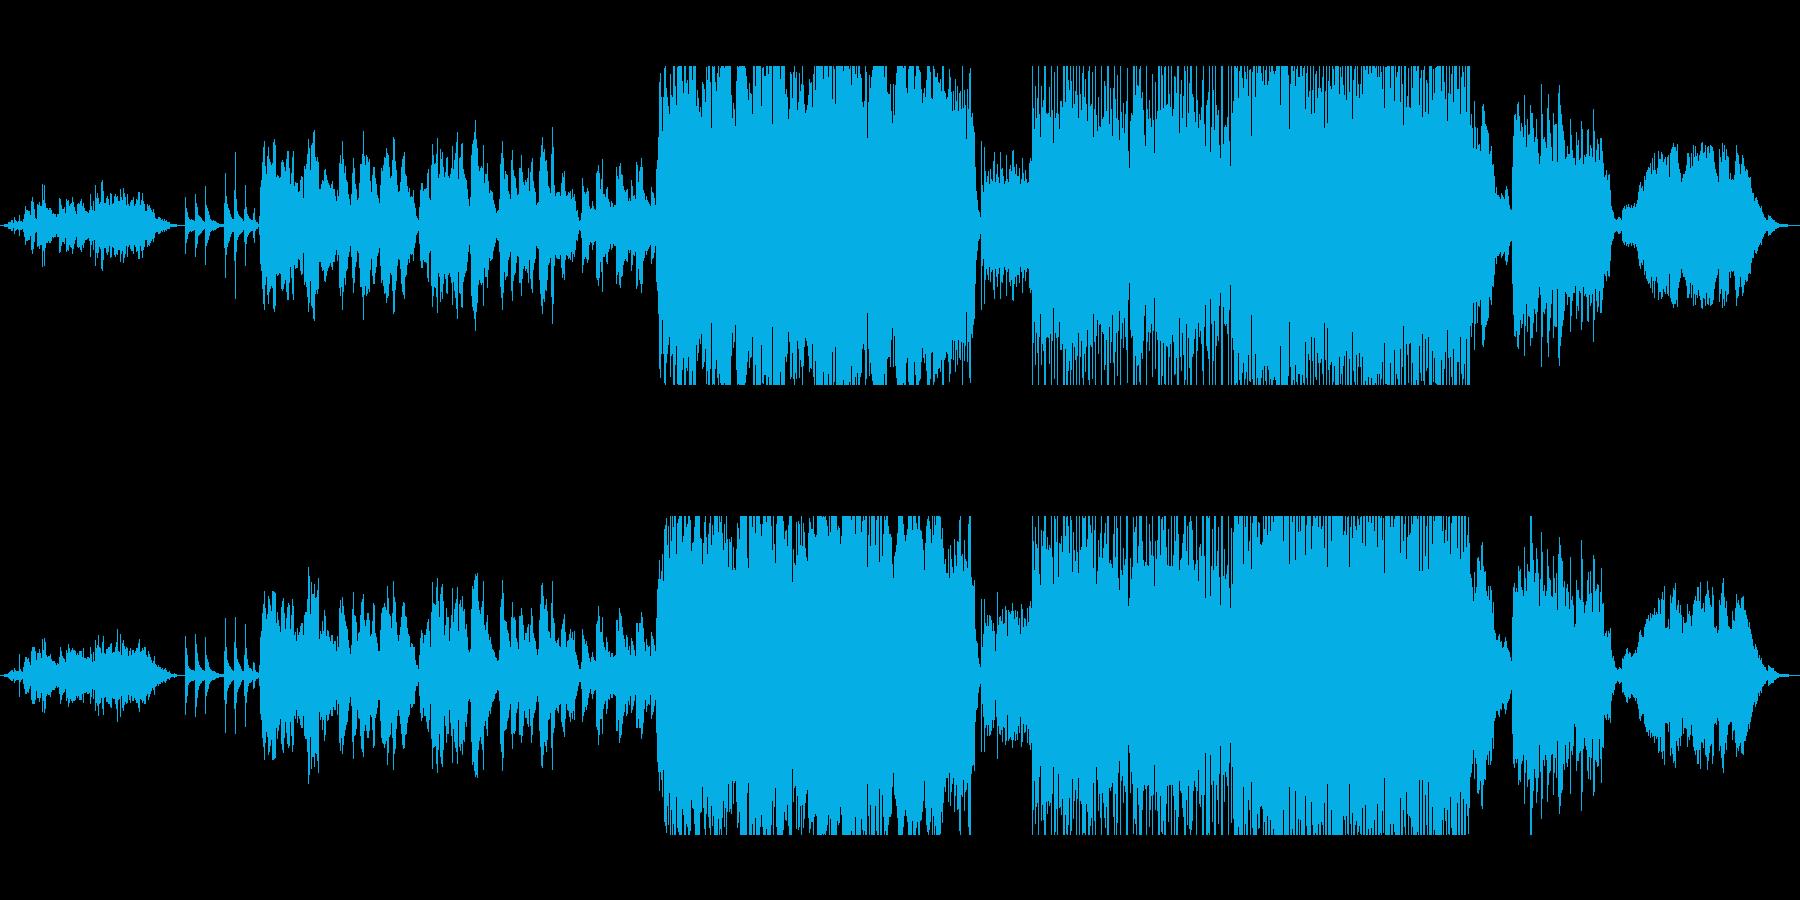 二胡、アイリッシュホイッスルによる演奏の再生済みの波形